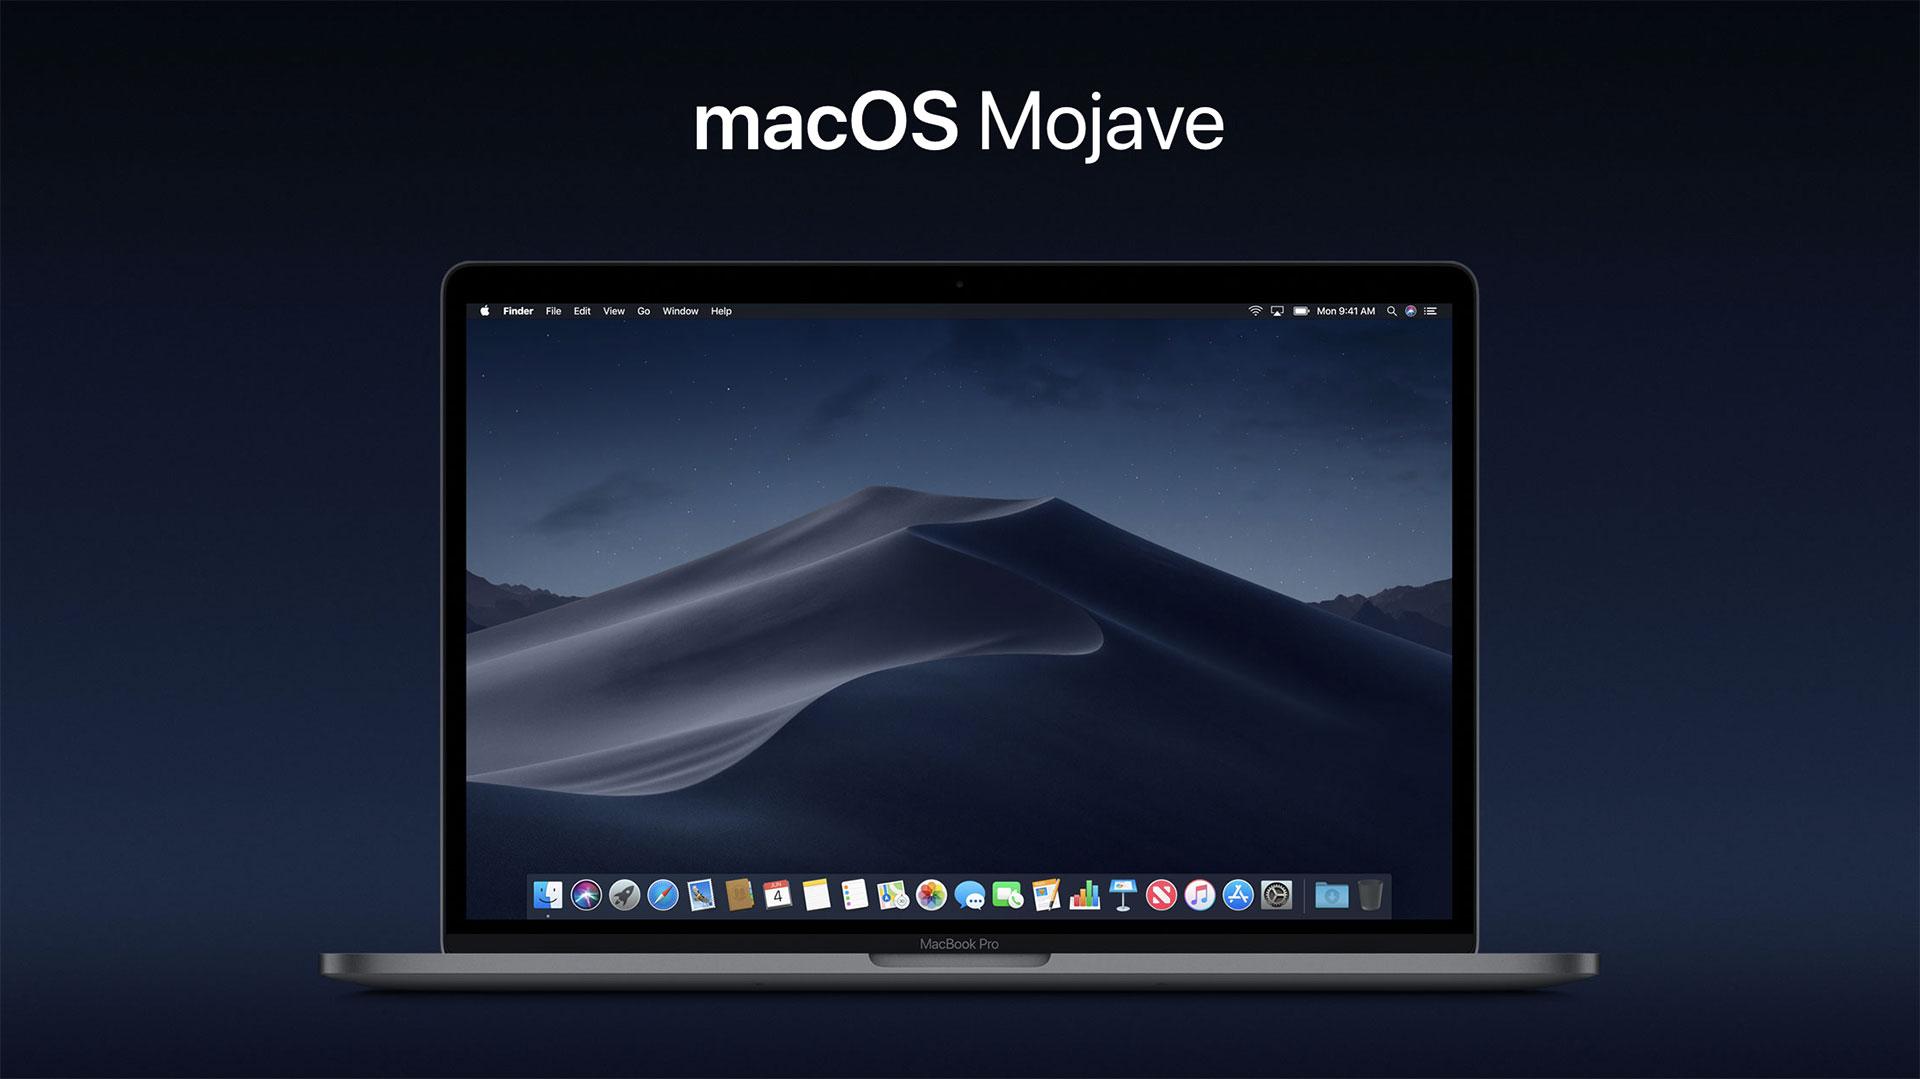 macOS Mojave発表!ダークモードの追加やFinder、Quick Lookの強化がいい感じ